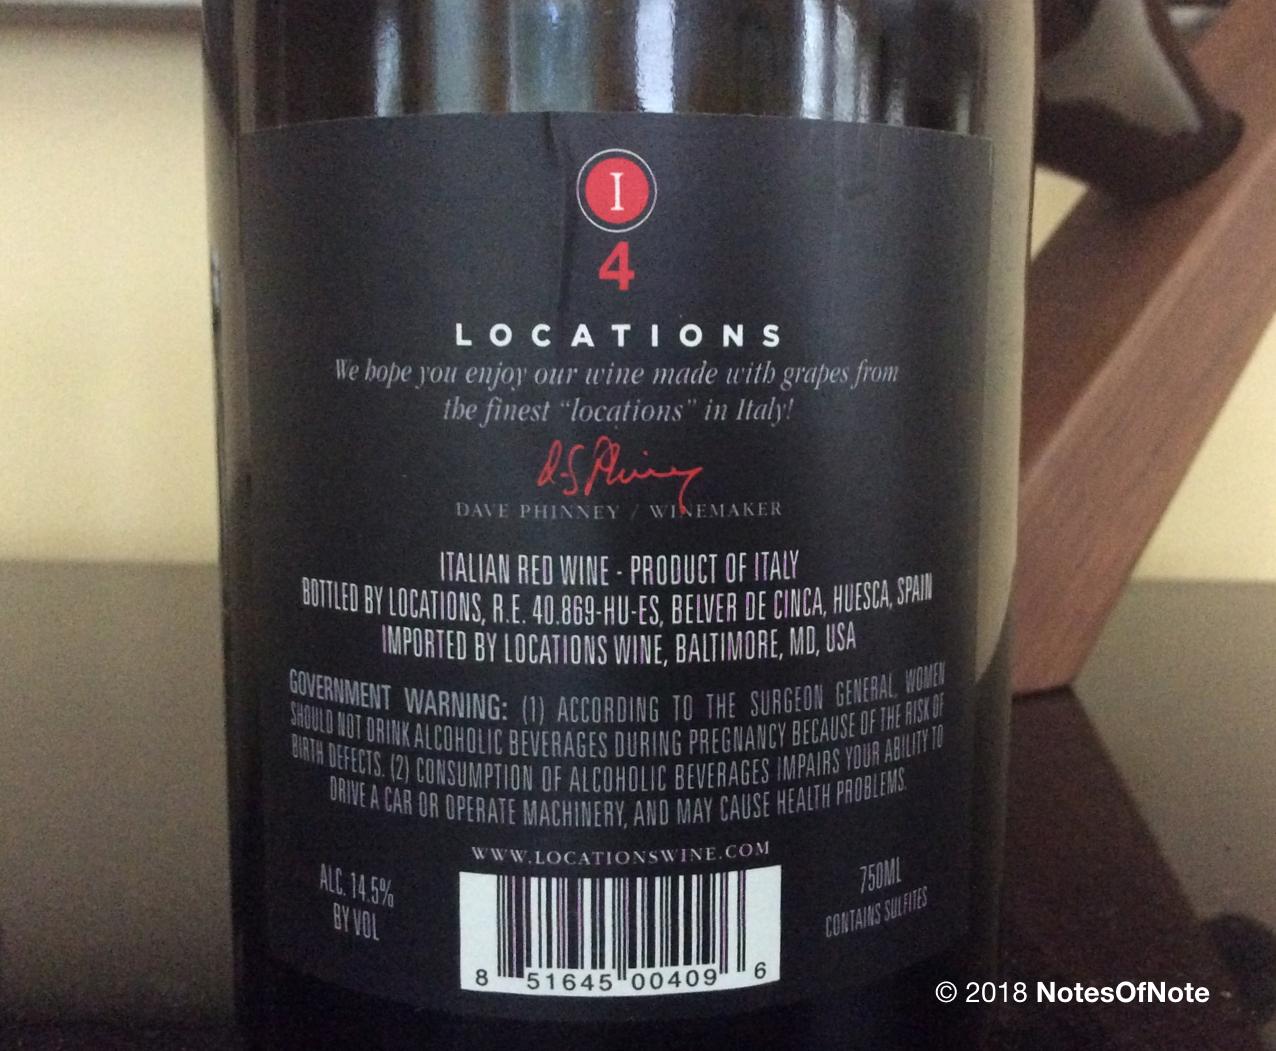 I4 Locations Wine, Italy.